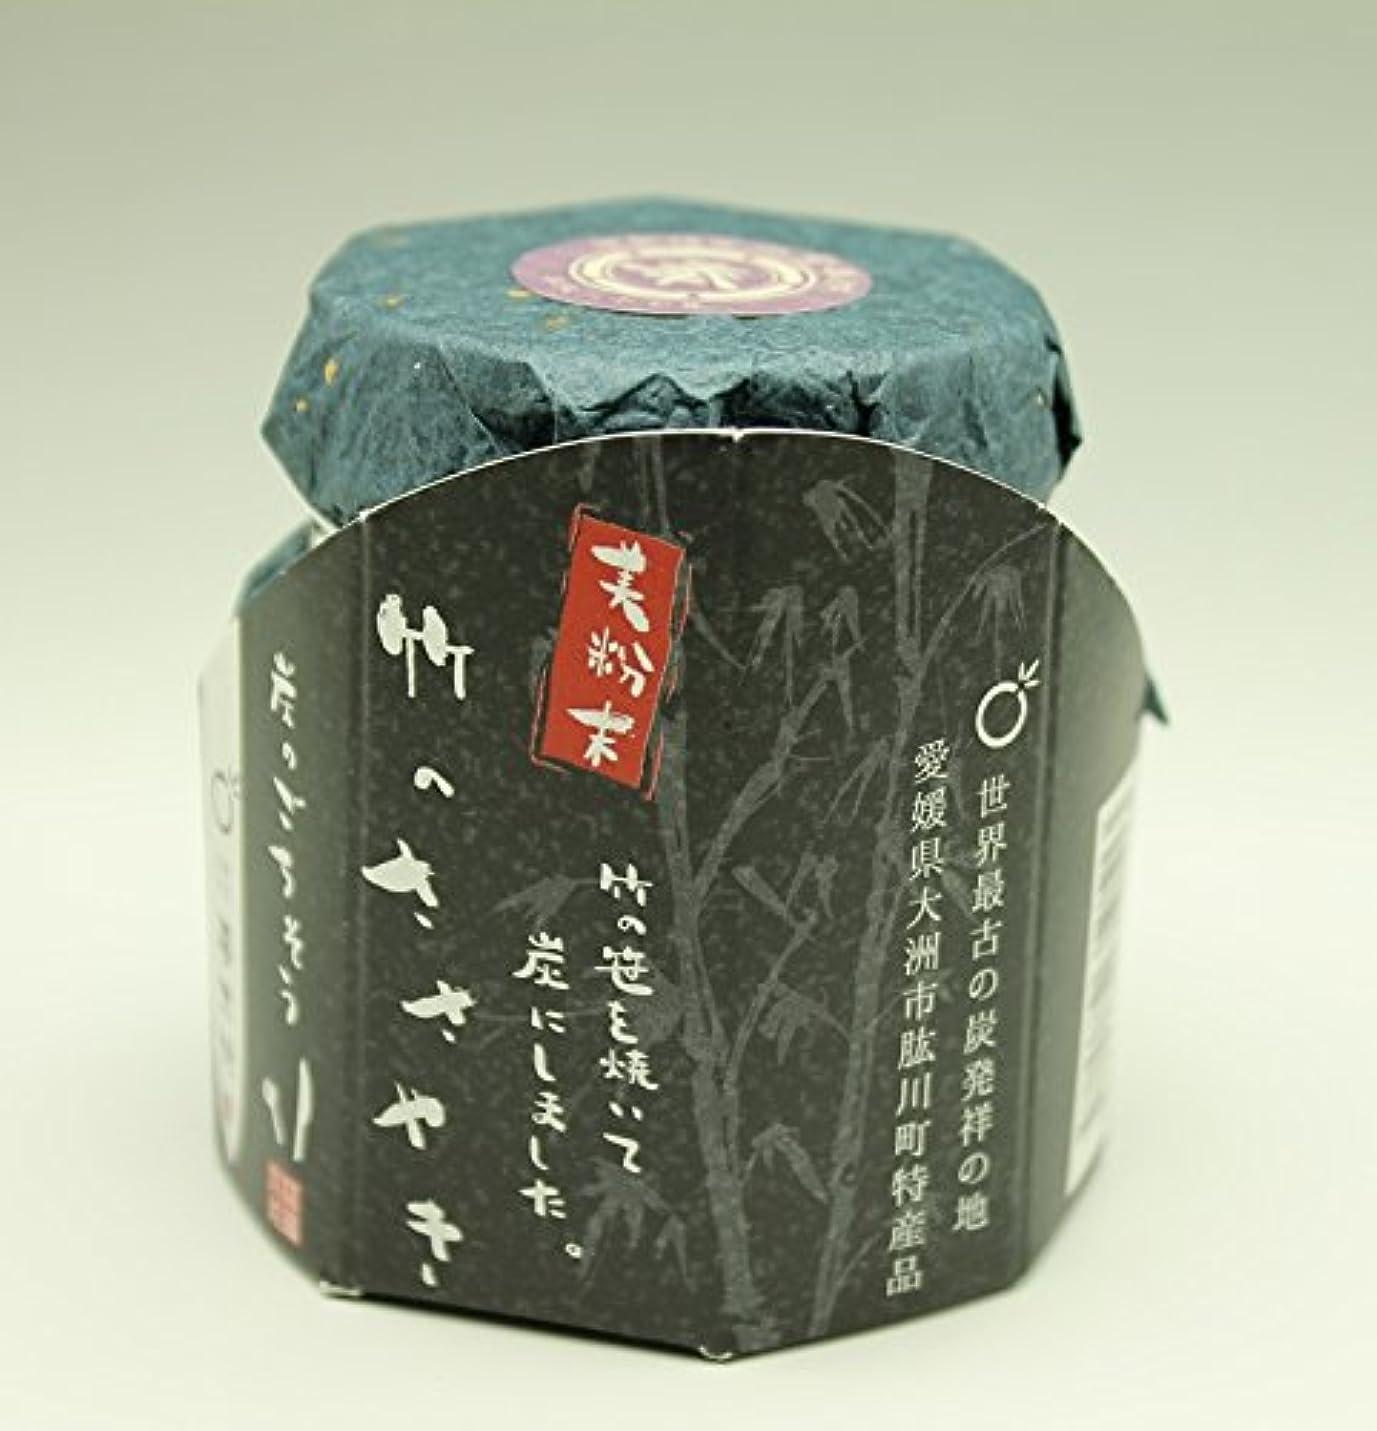 反応する反発するましい竹のささやき 30g 竹炭パウダー 食用 笹の炭 伊勢神宮奉納商品 食べる炭 30g